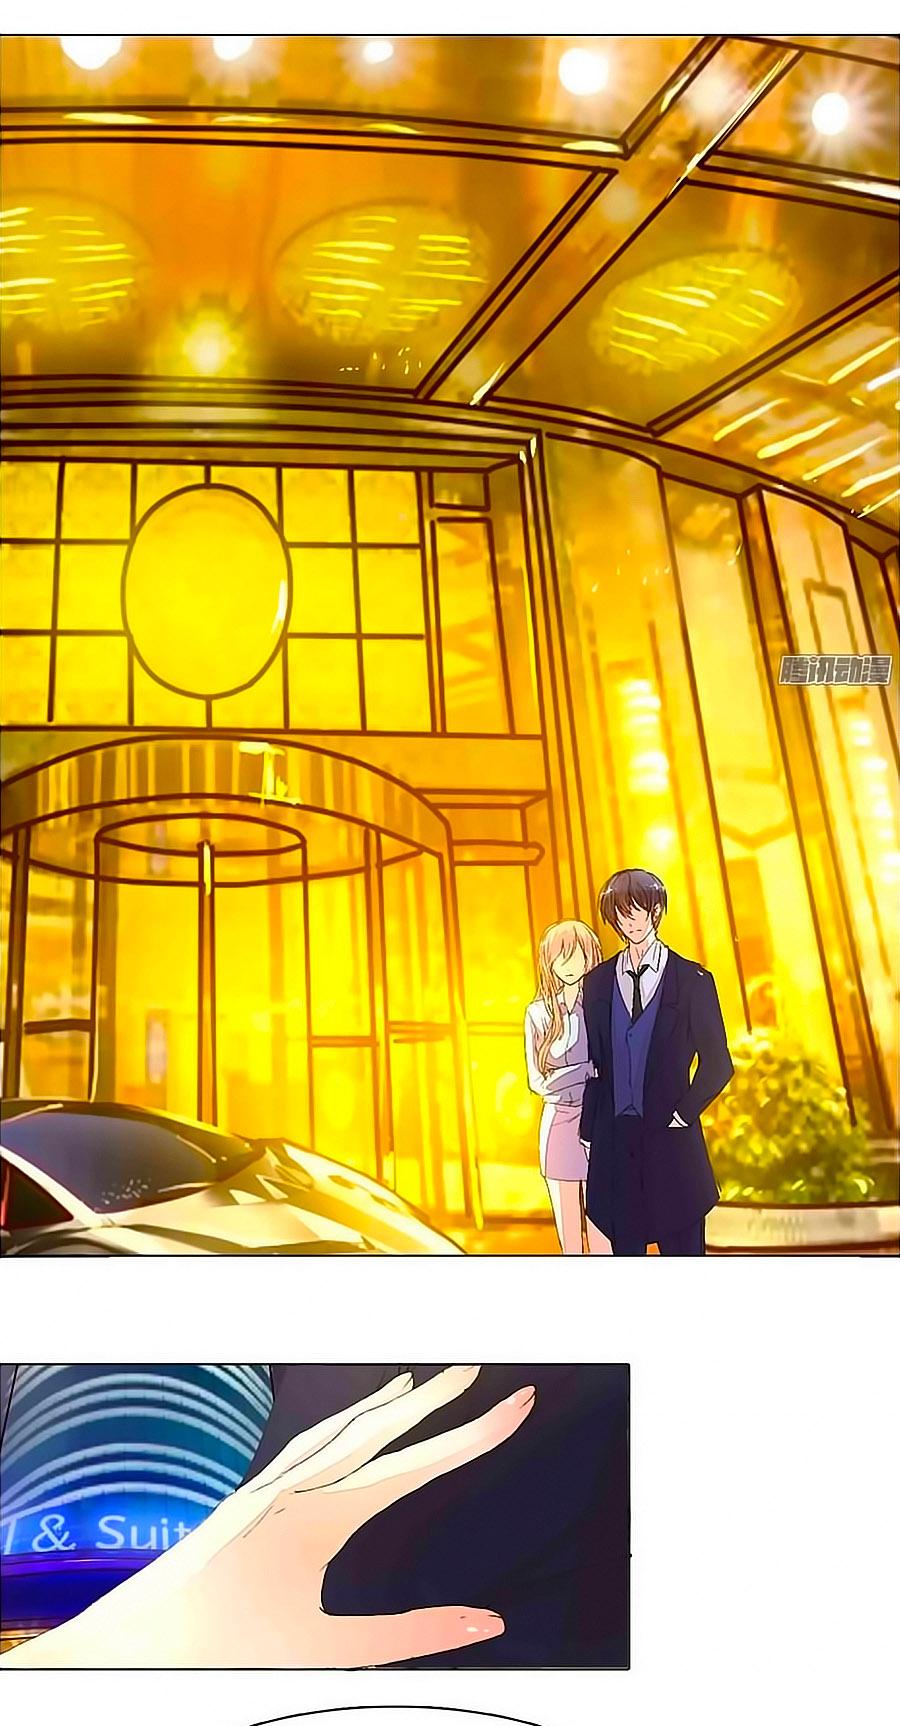 Hào Môn Tiểu Lãn Thê Chap 11 - Next Chap 12 image 11